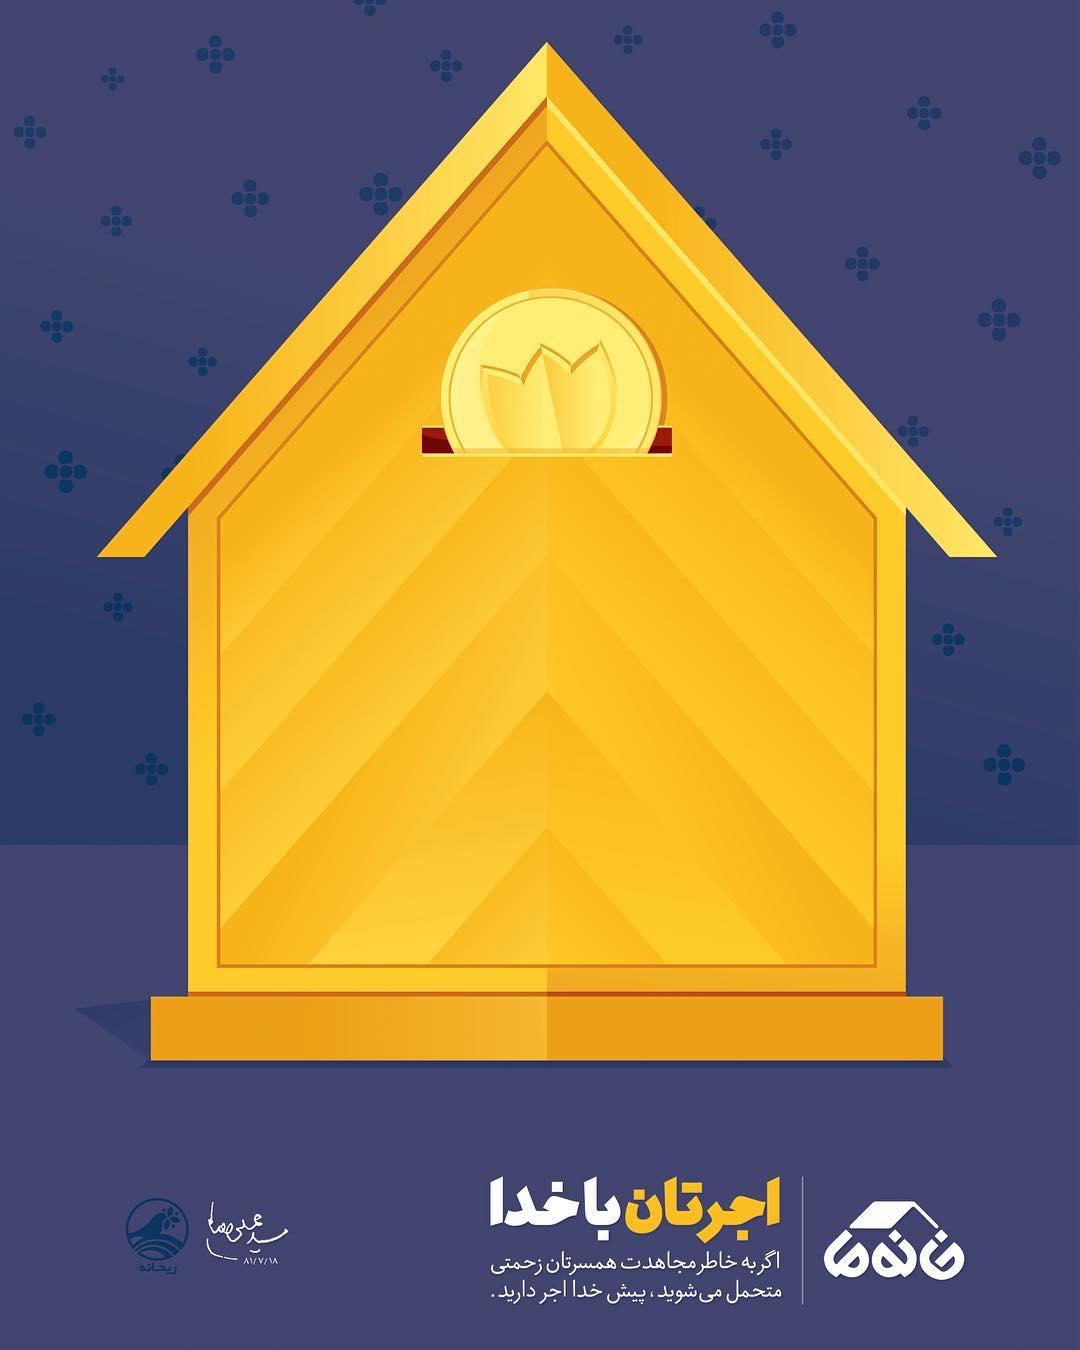 مجموعه طرح خانه ما-قسمت چهارم.jpg (1080×1350)